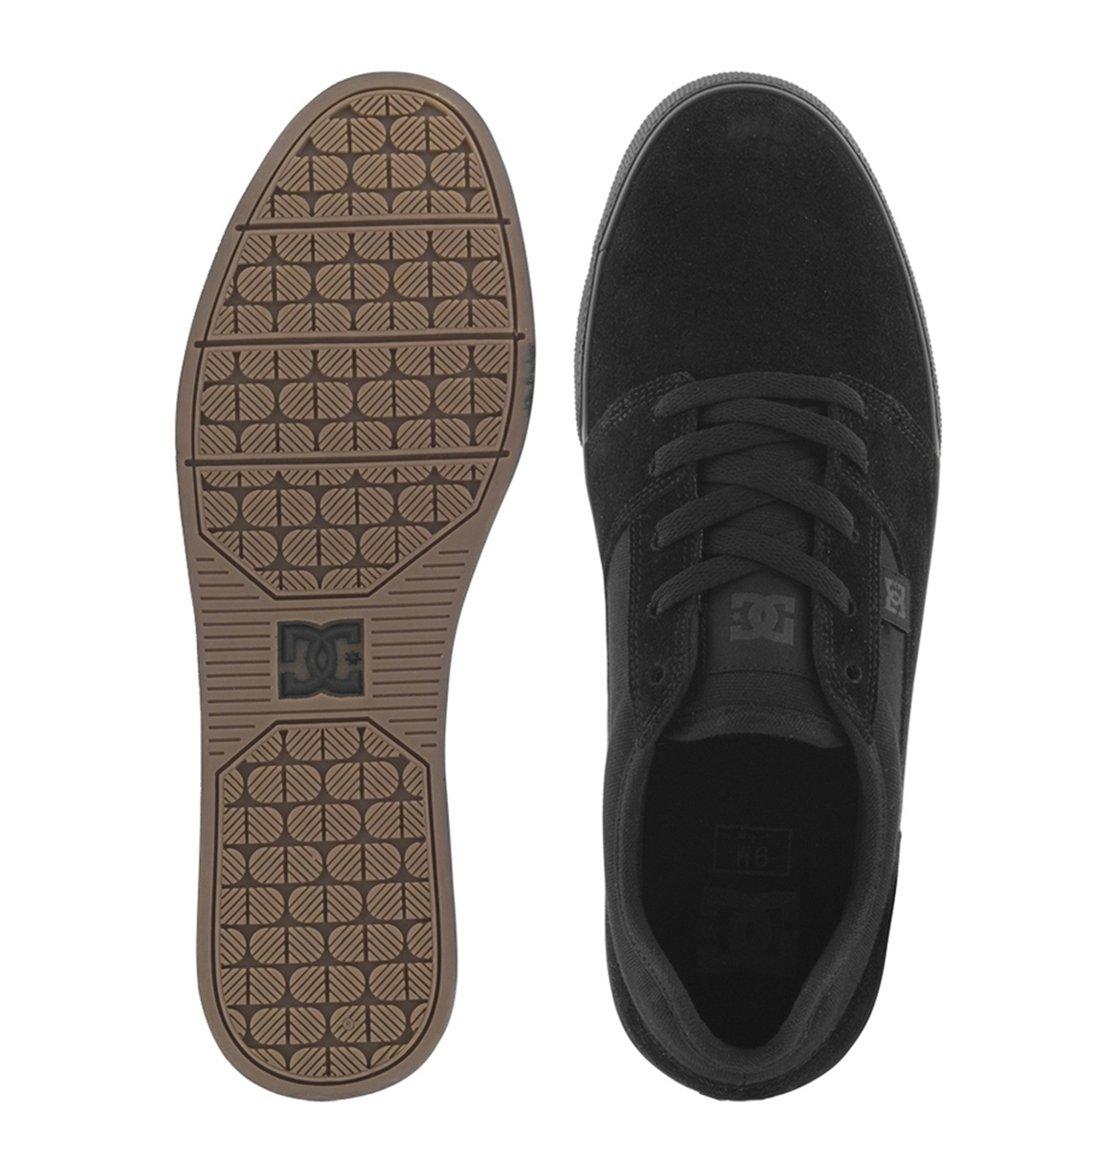 4 Tonik - Shoes for Men Black 302905 DC Shoes 0ea82cc10d